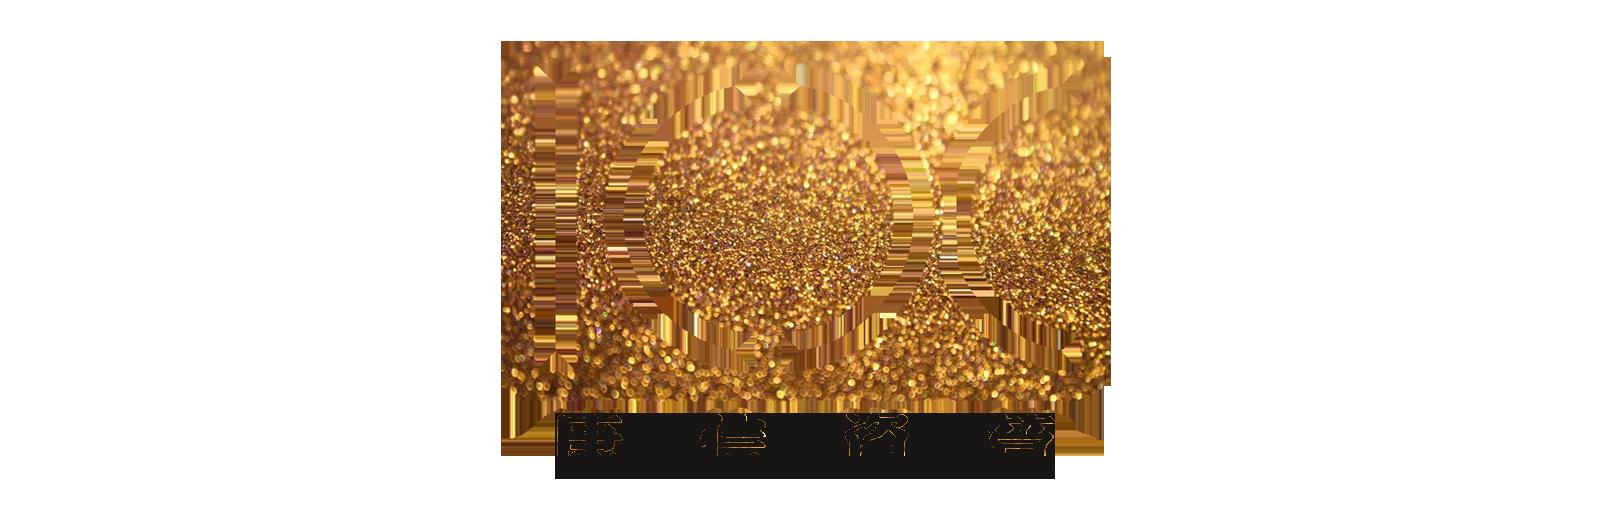 北京康信君安资管管理有限公司